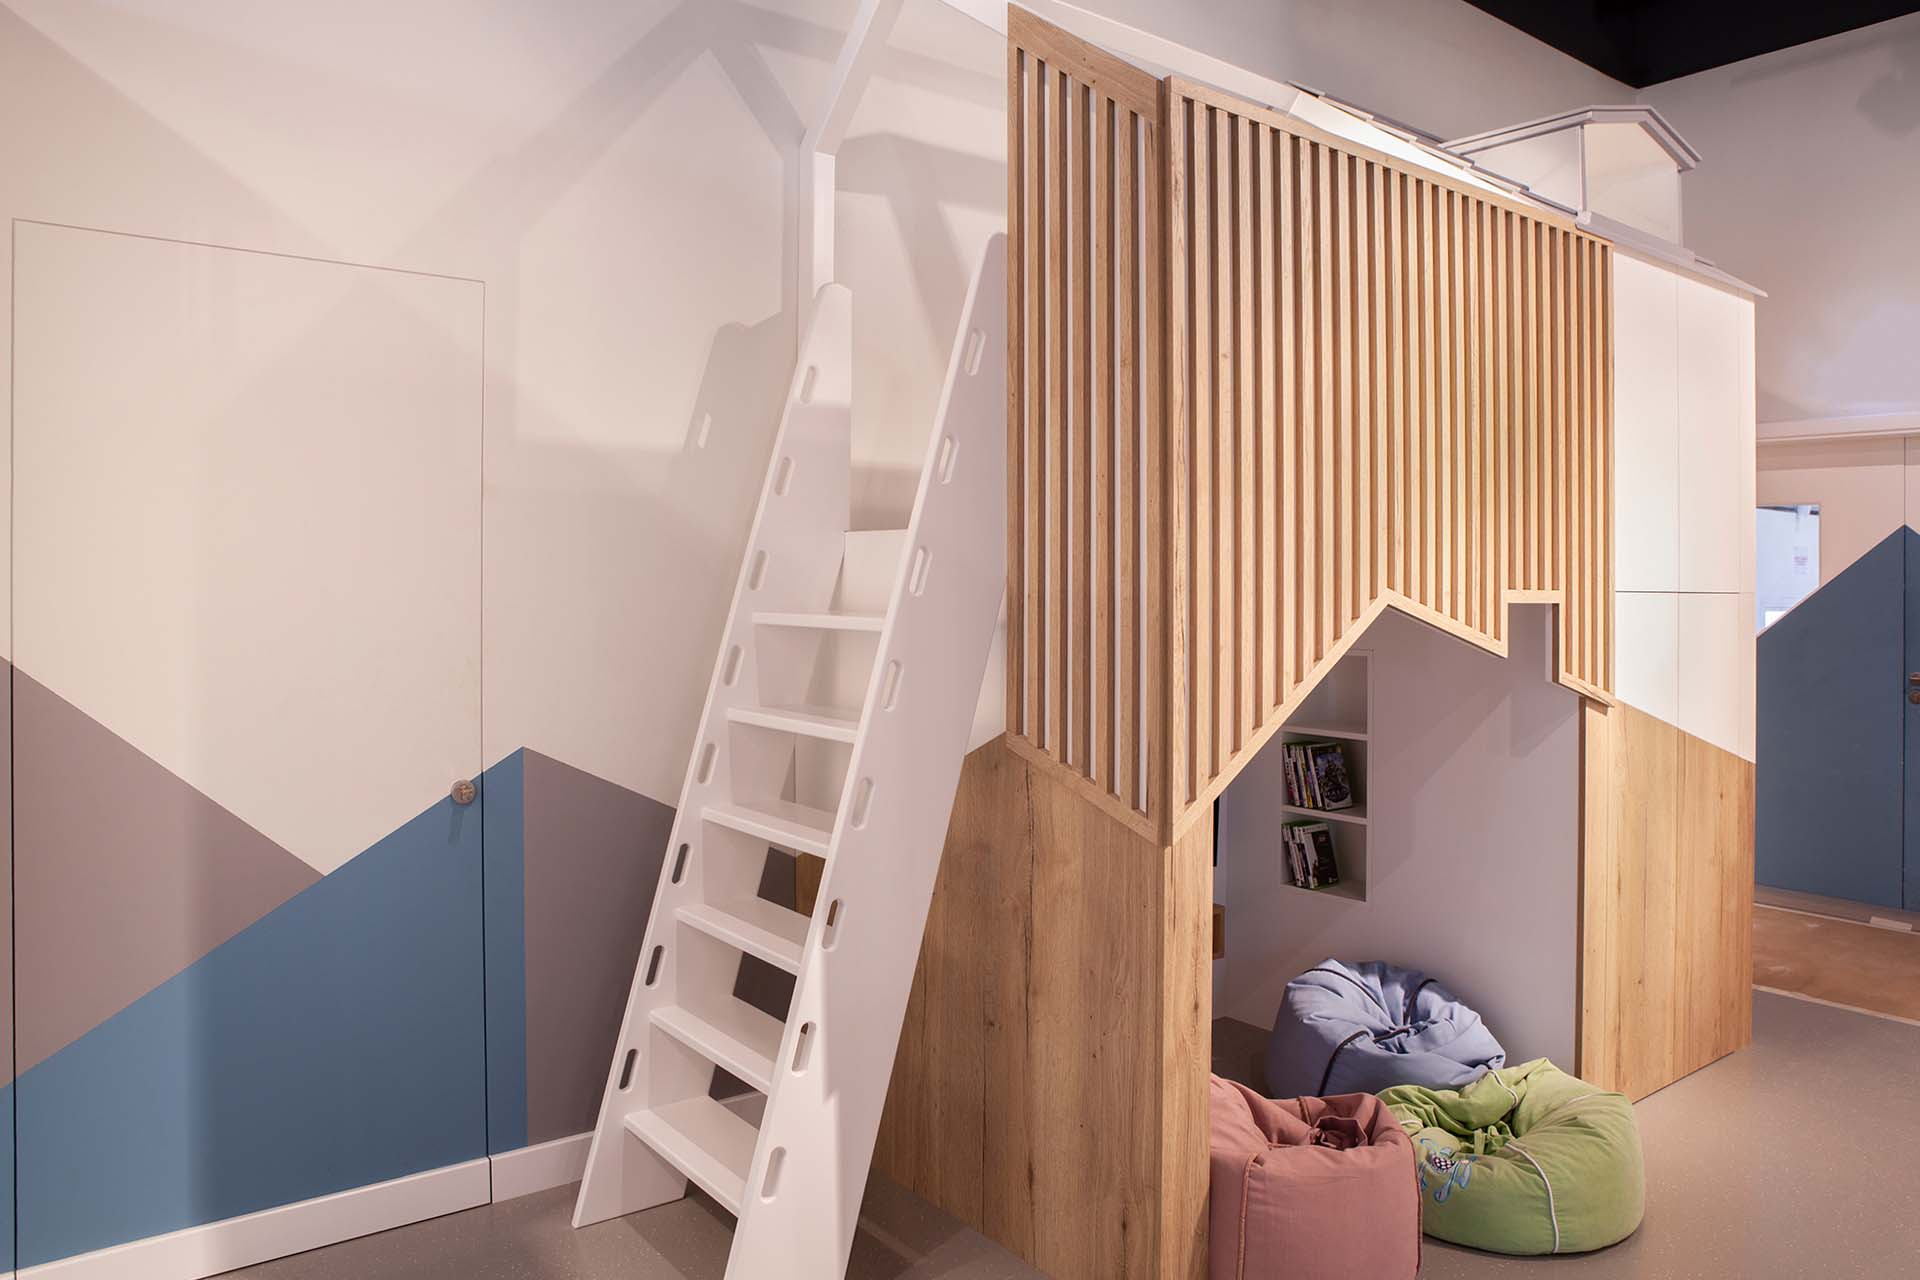 interior design companies in dubai,Interior design,interior design dubai,bedroom interior design,Interior Design company in dubai